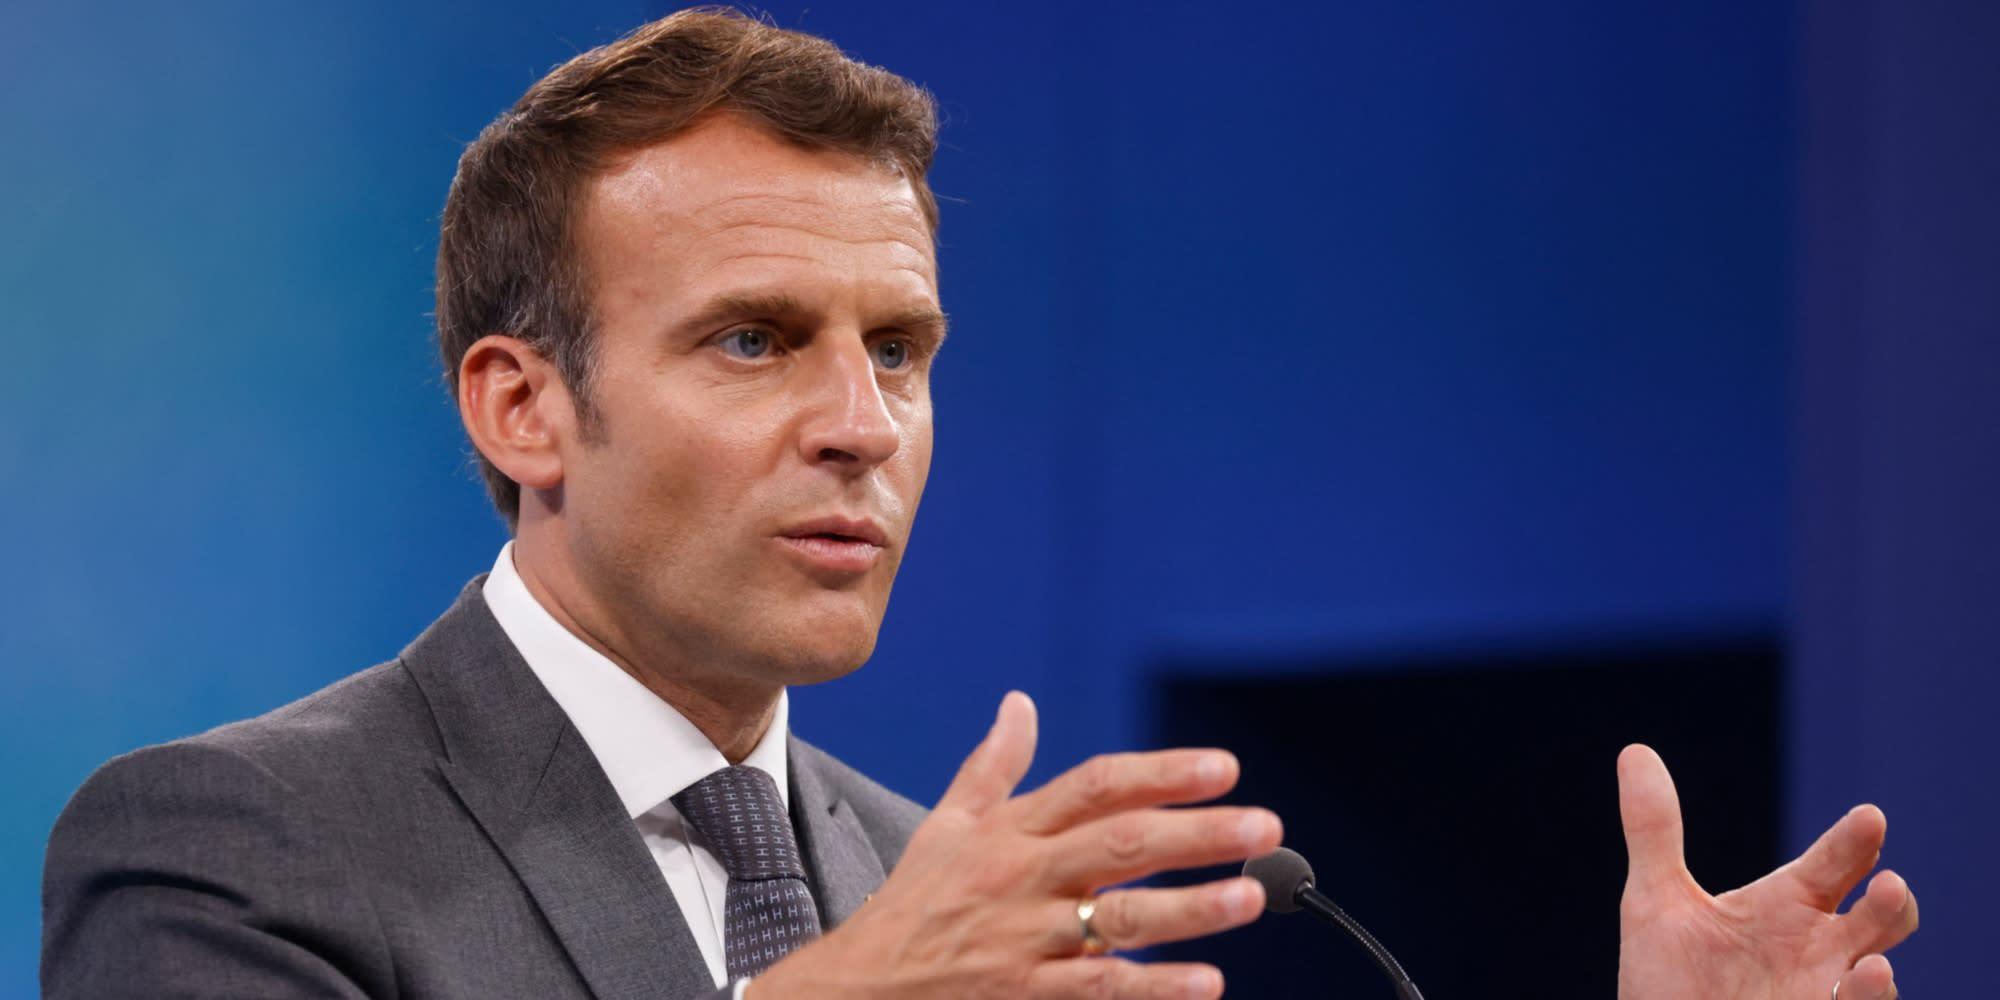 Emmanuel Macron en Polynésie française : quels sont les enjeux de ce voyage ?